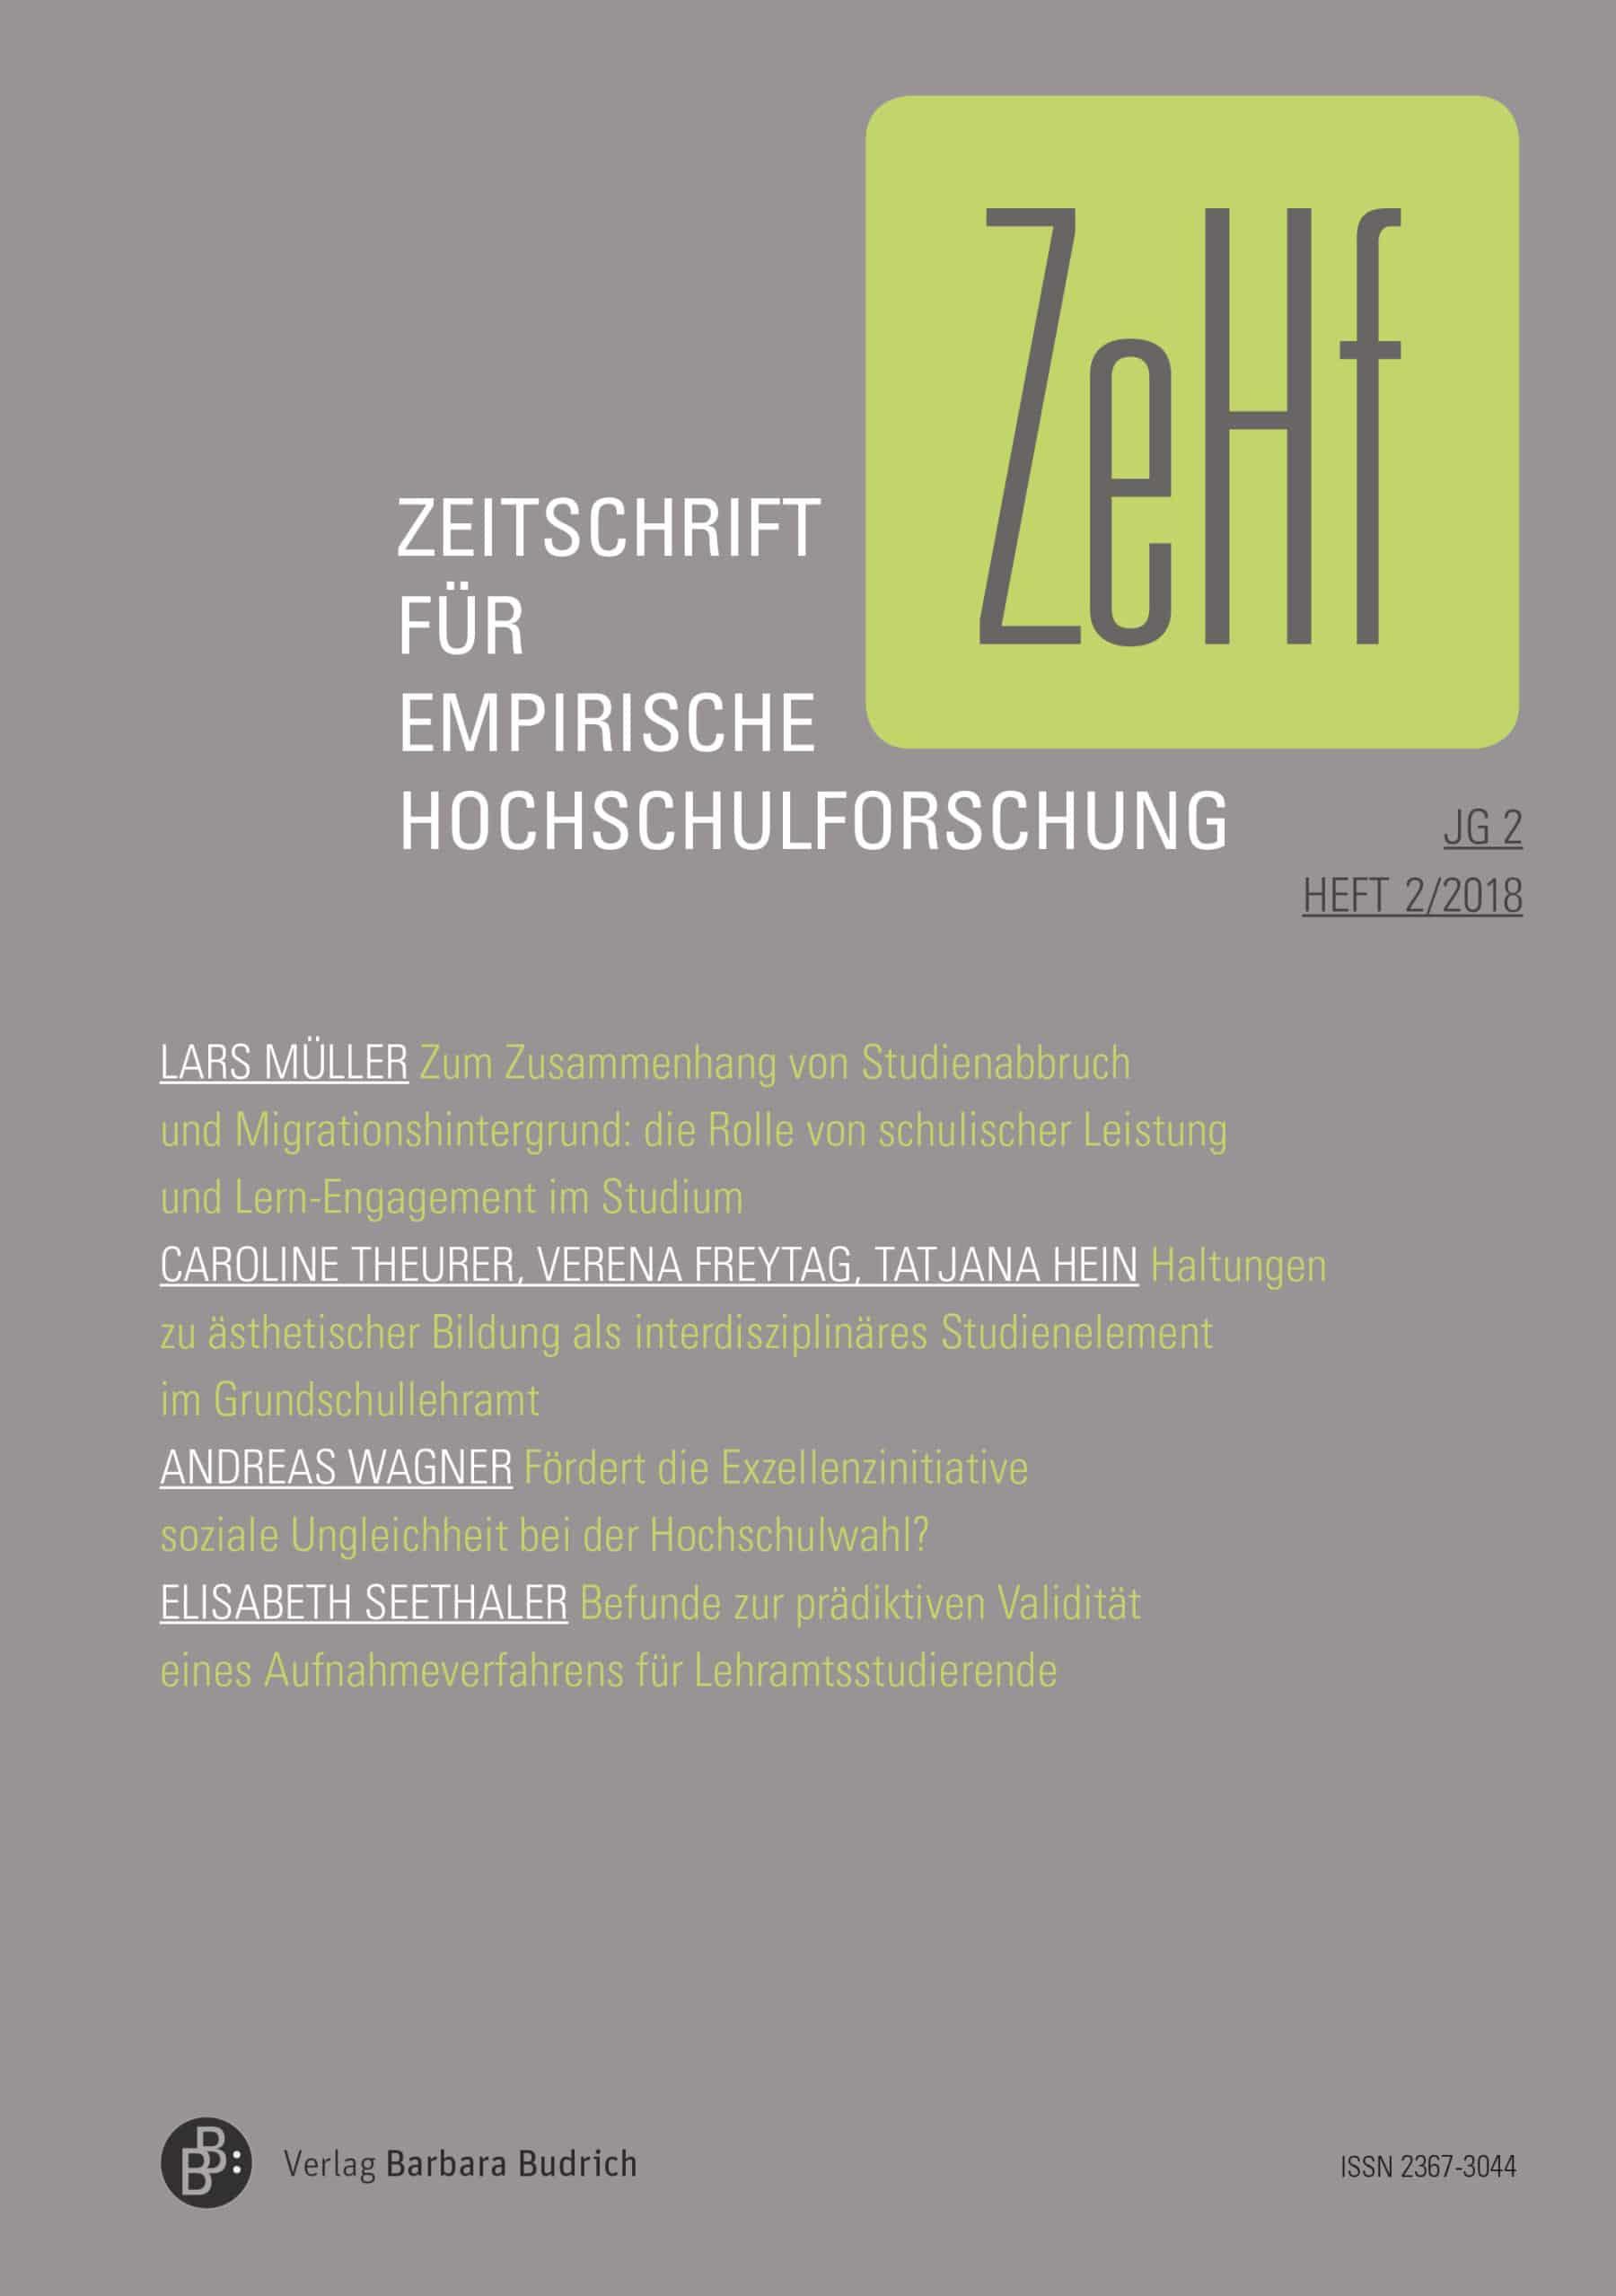 ZeHf – Zeitschrift für empirische Hochschulforschung 2-2018: Freie Beiträge